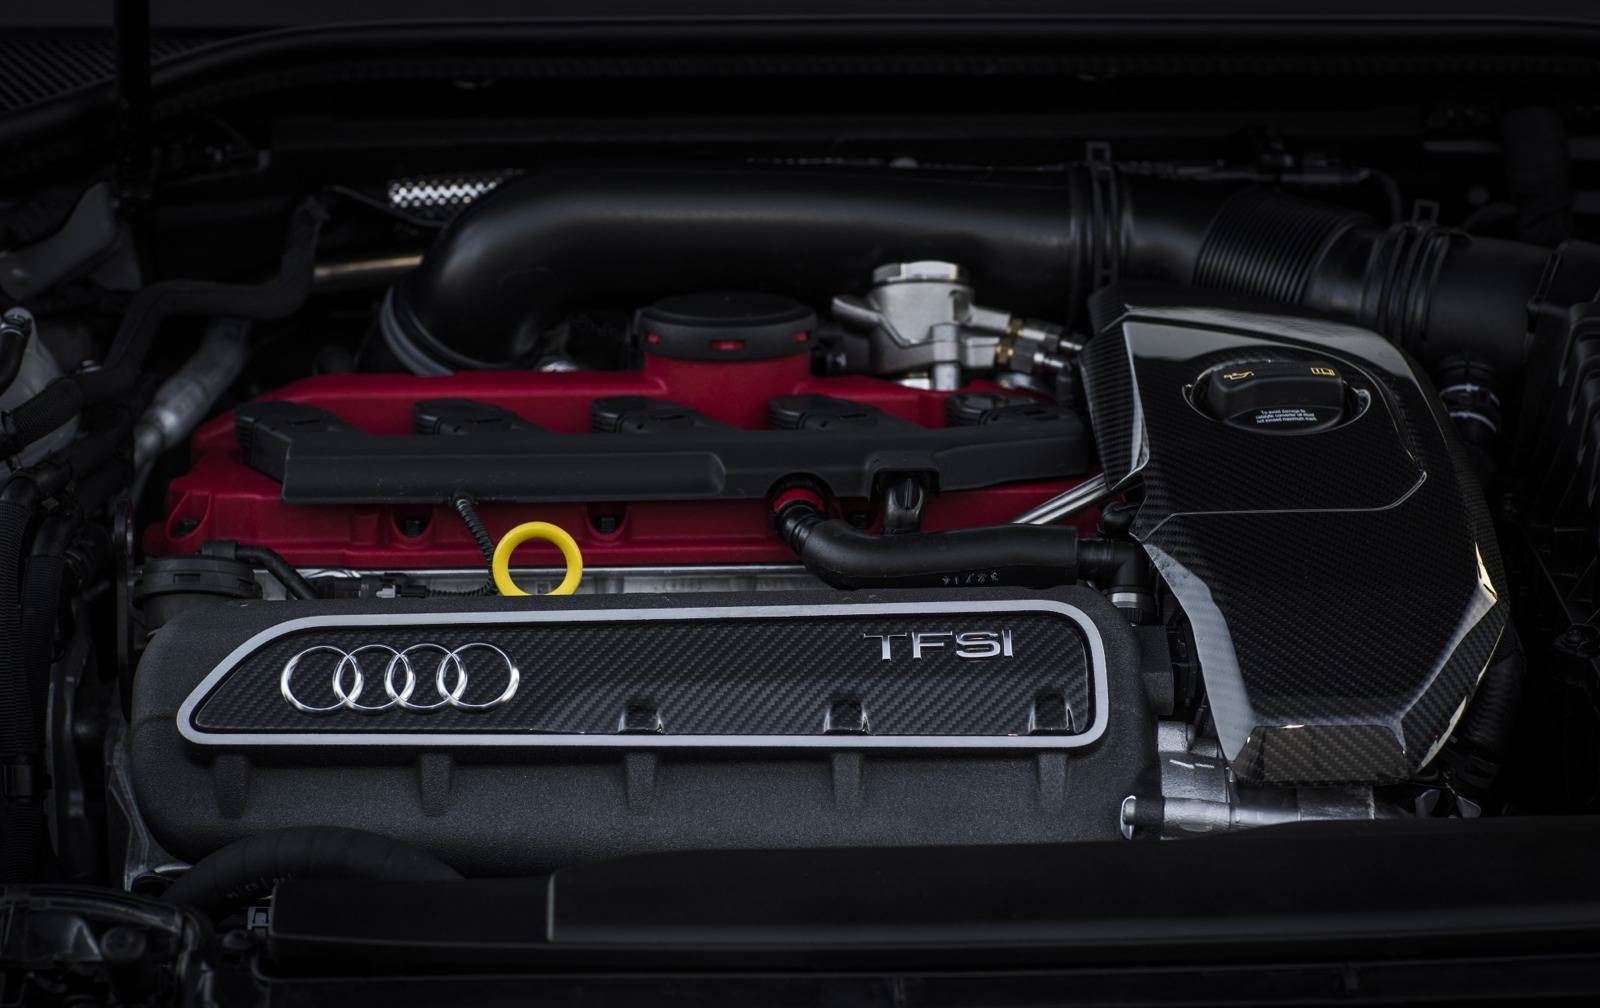 Audi-RS3-Sportback-2_5-liter-five-cylinder-TFSI